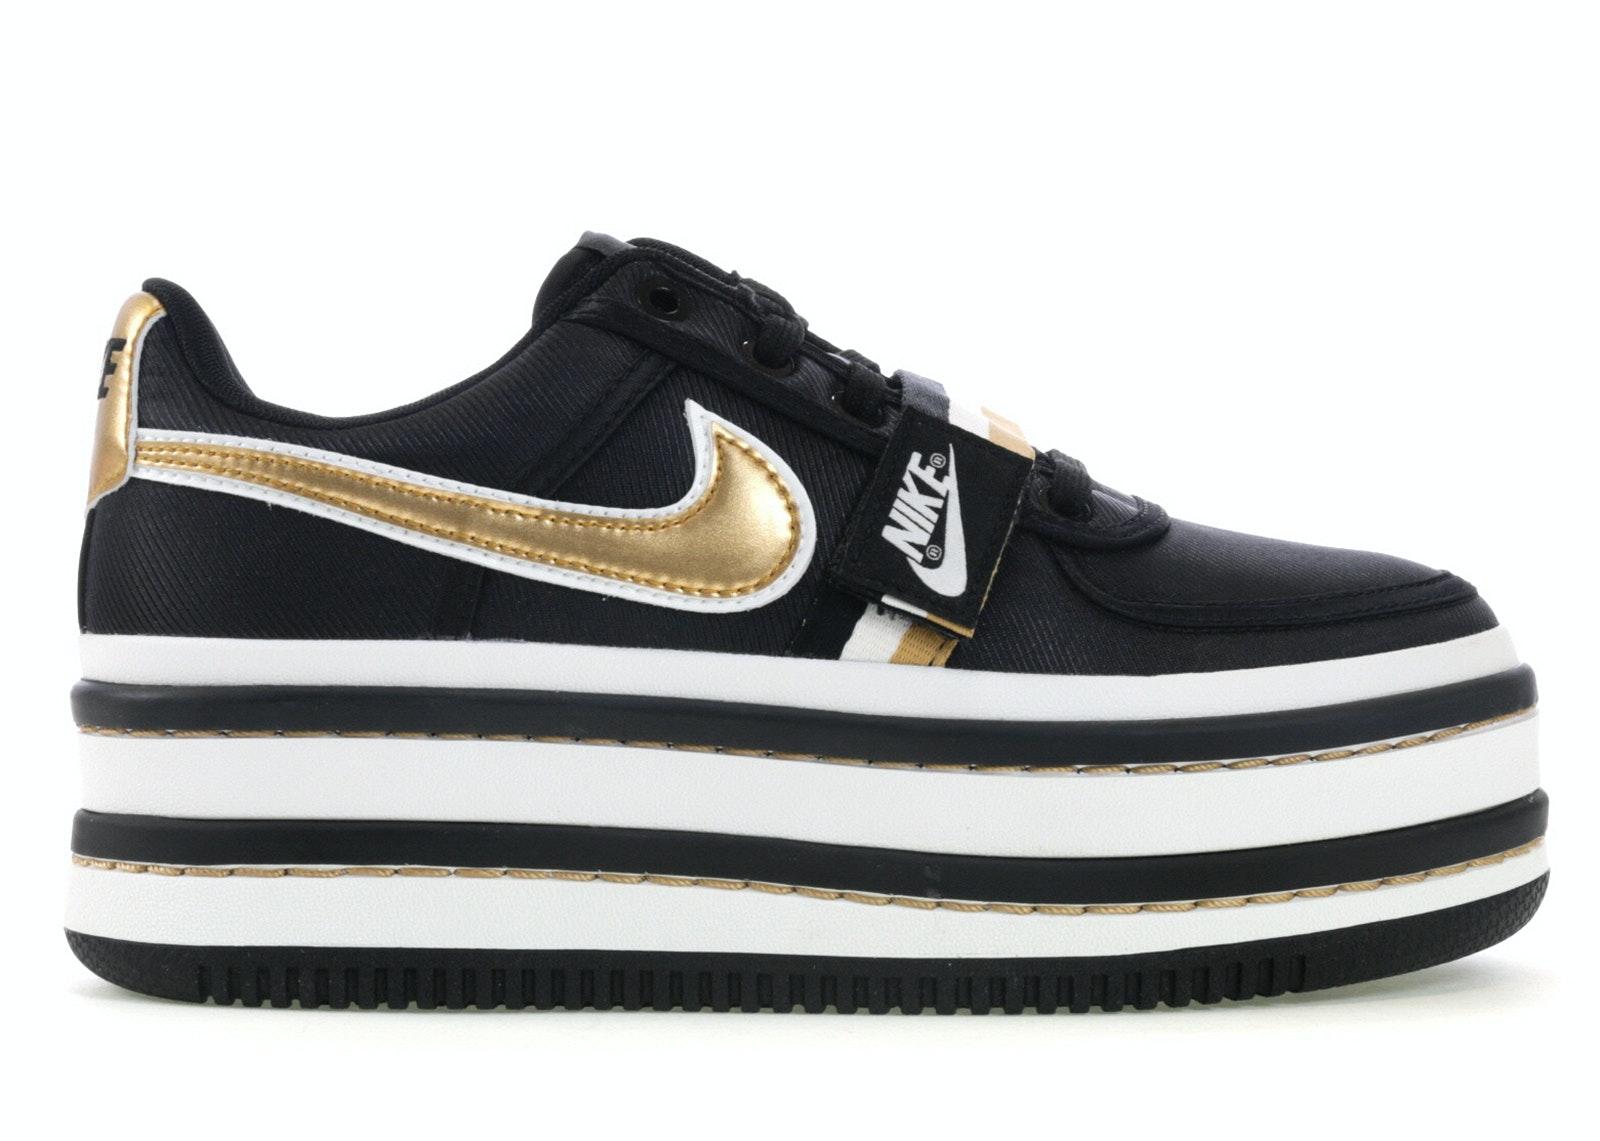 Nike Vandal 2K Black Metallic Gold (W)